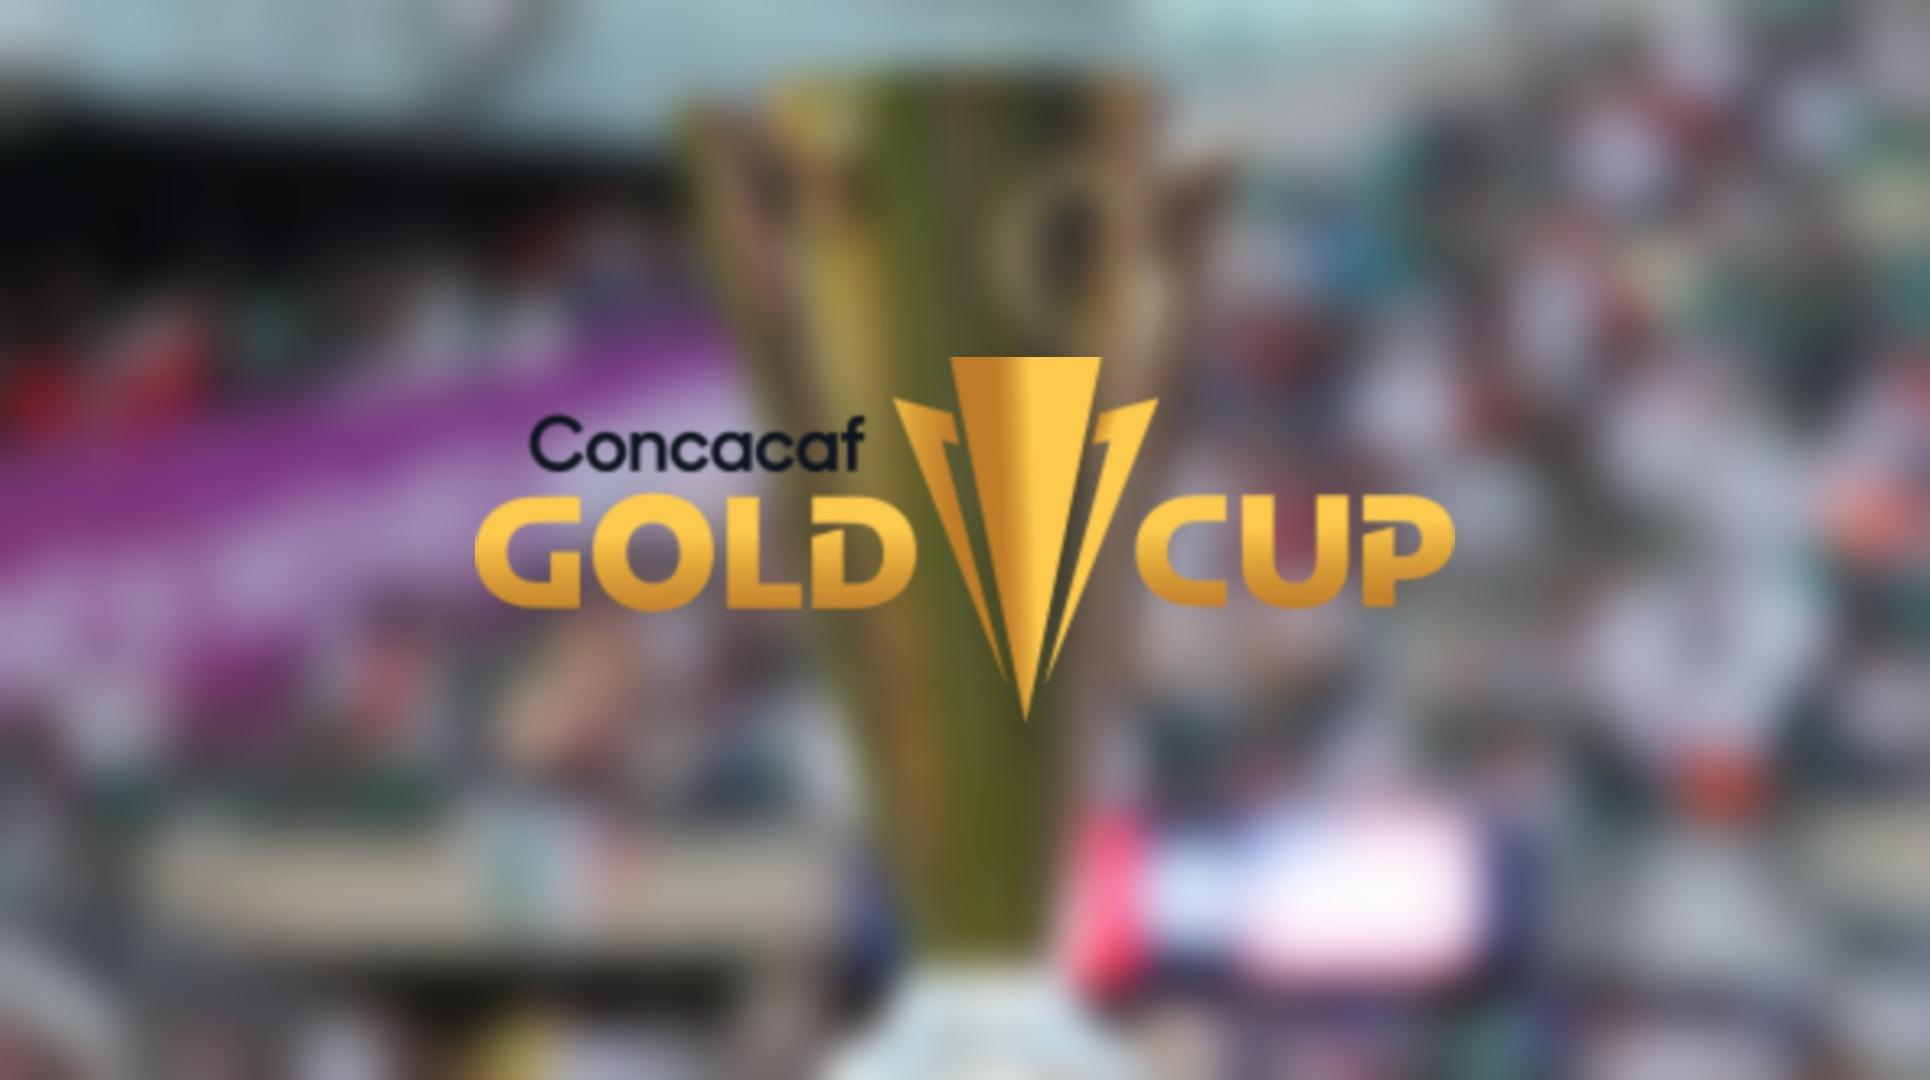 Jadual CONCACAF Gold Cup 2021 (Keputusan & Kedudukan Carta)